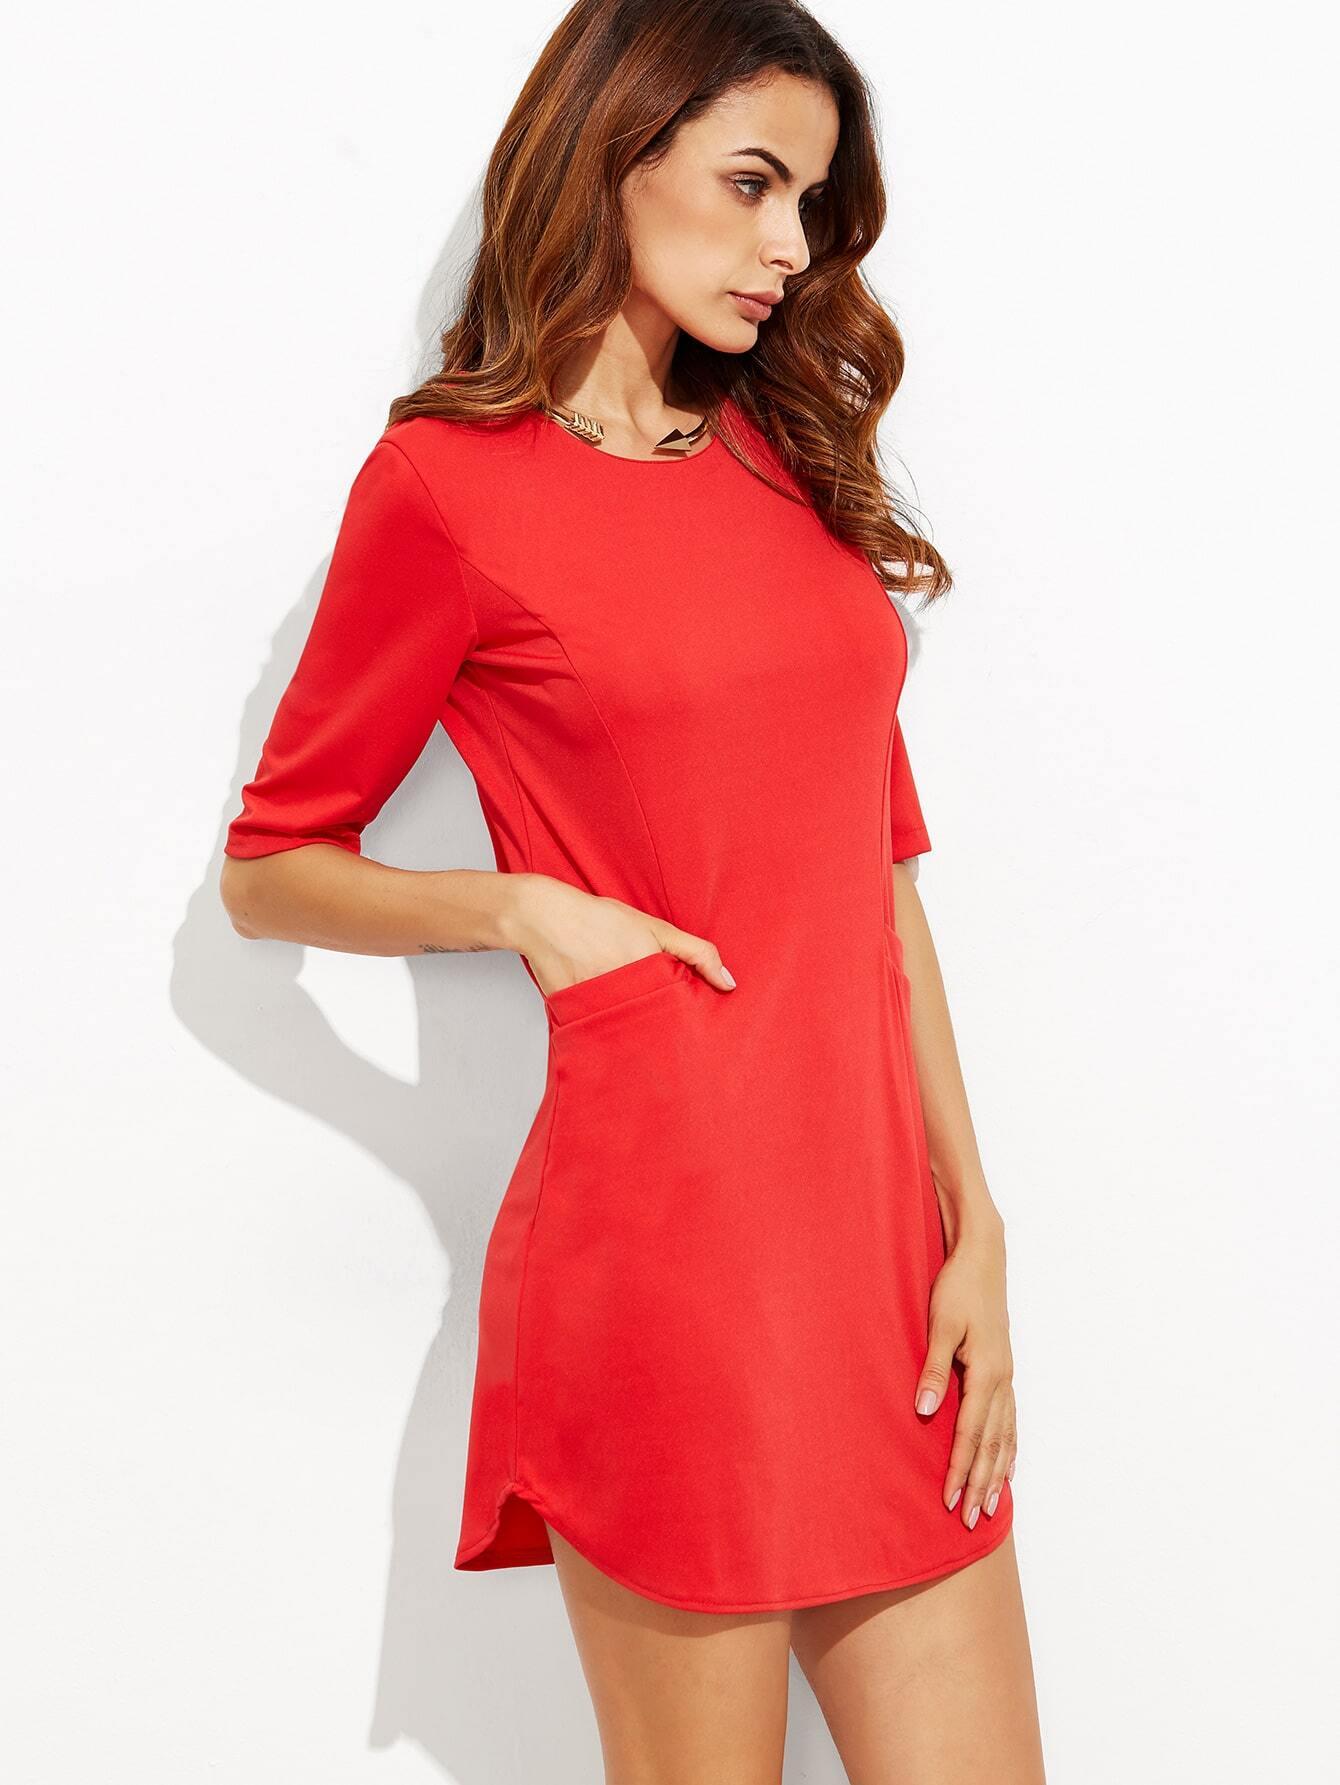 dress160830122_2